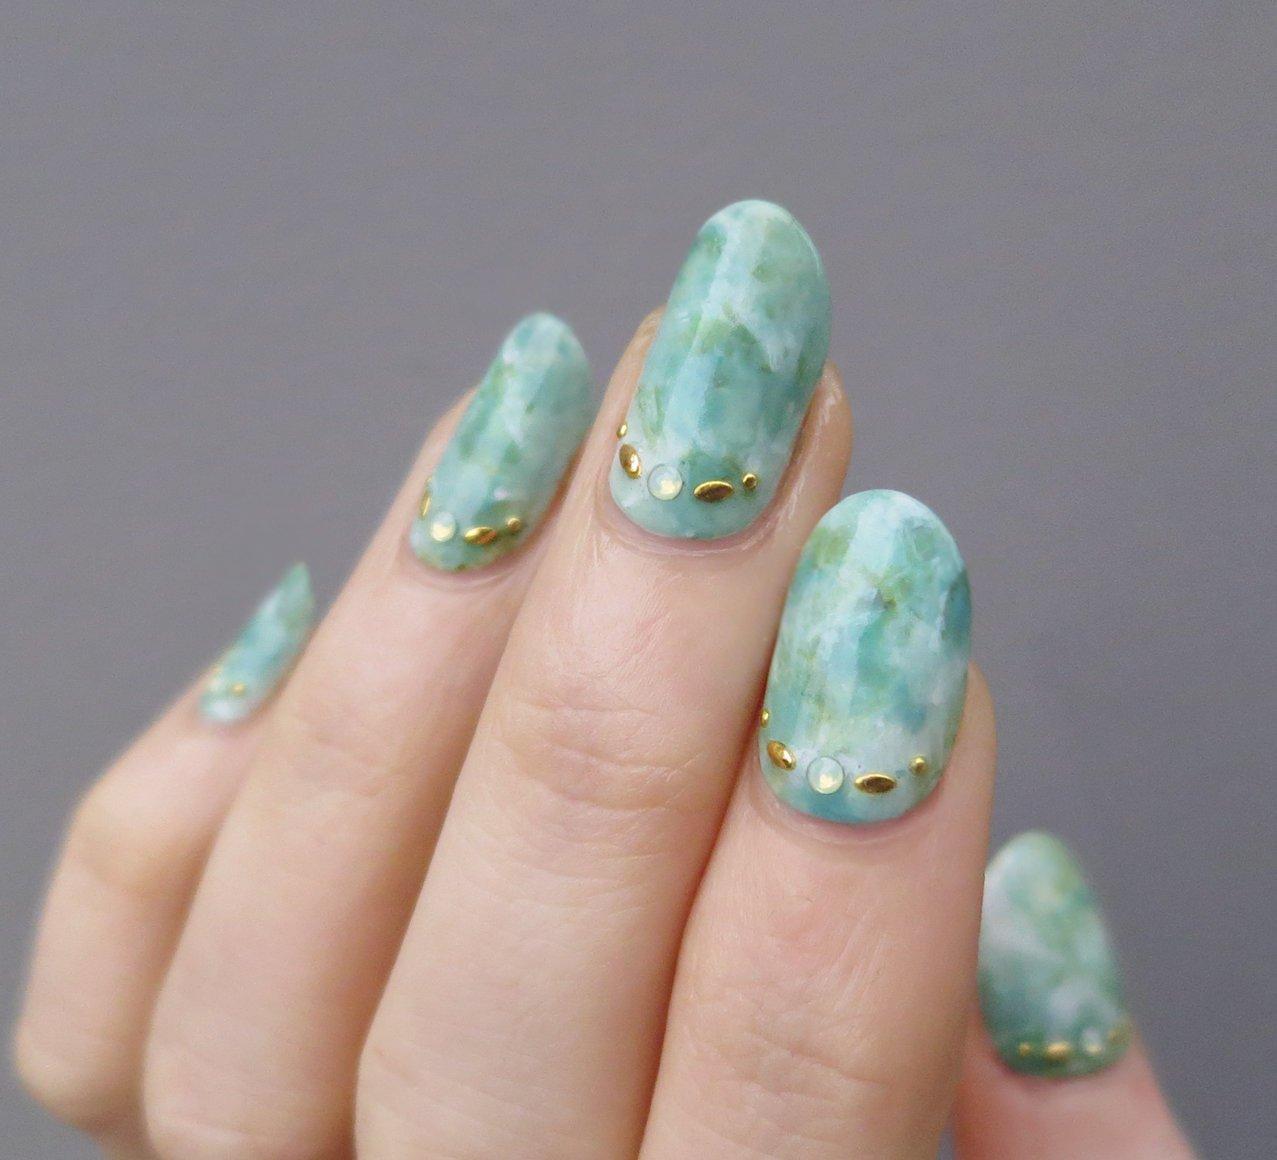 mramornyj-manikyur-foto_37 Мраморный маникюр: топ-8 стильных идей дизайна для ногтей